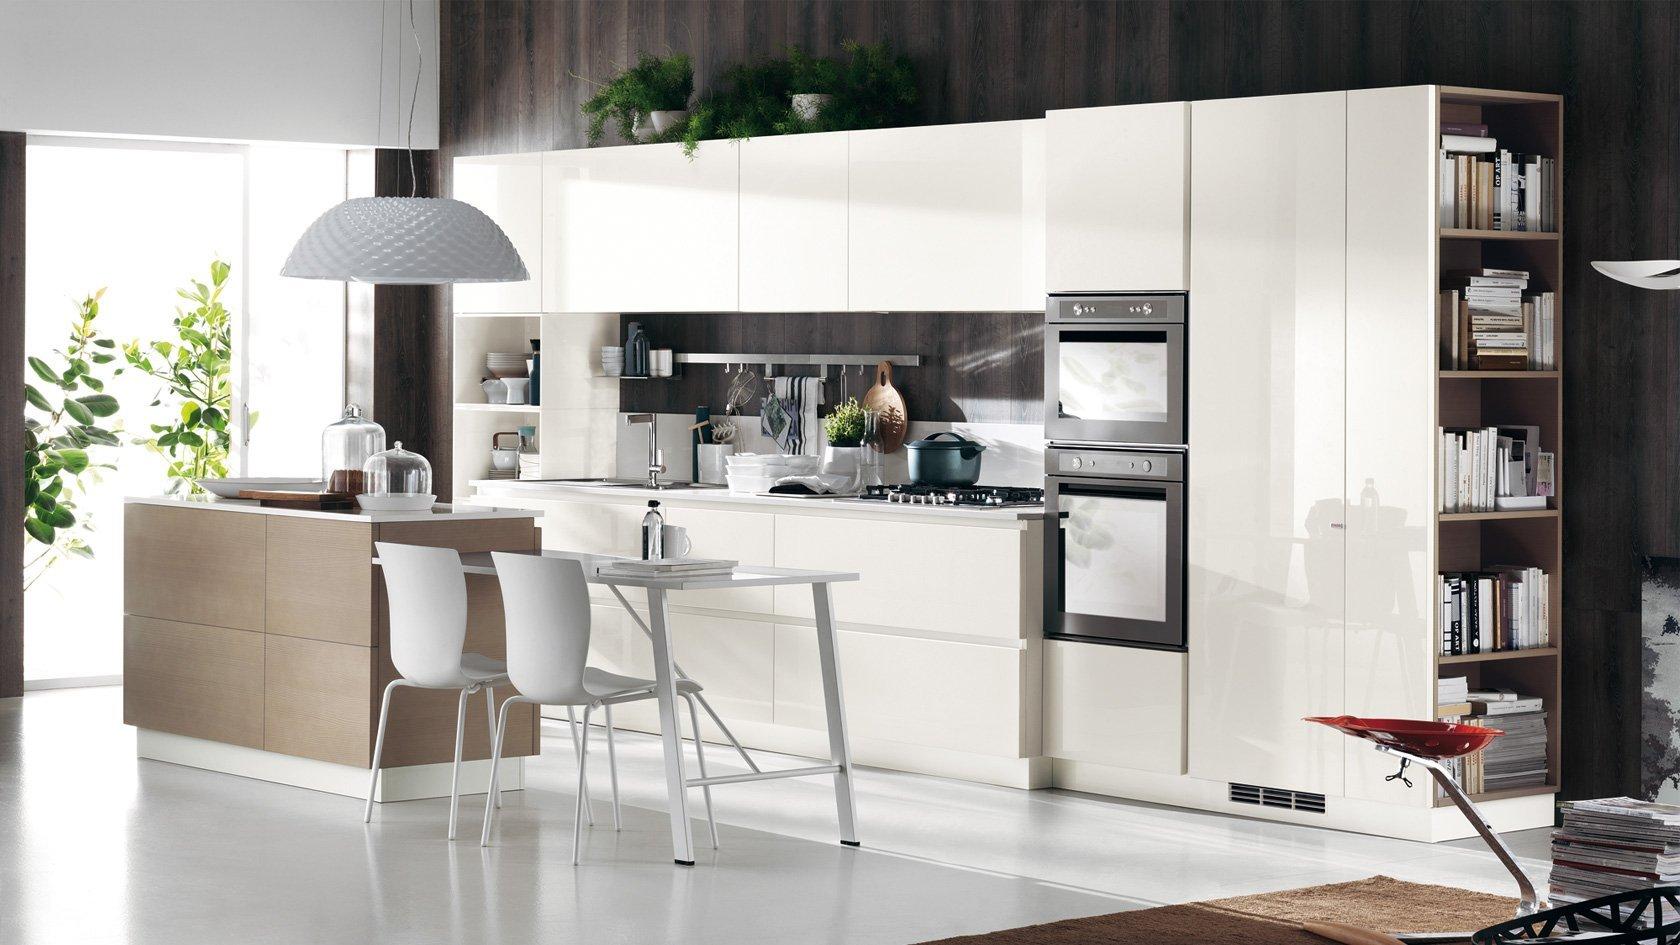 Cucine e mobili Battipaglia Eboli Salerno